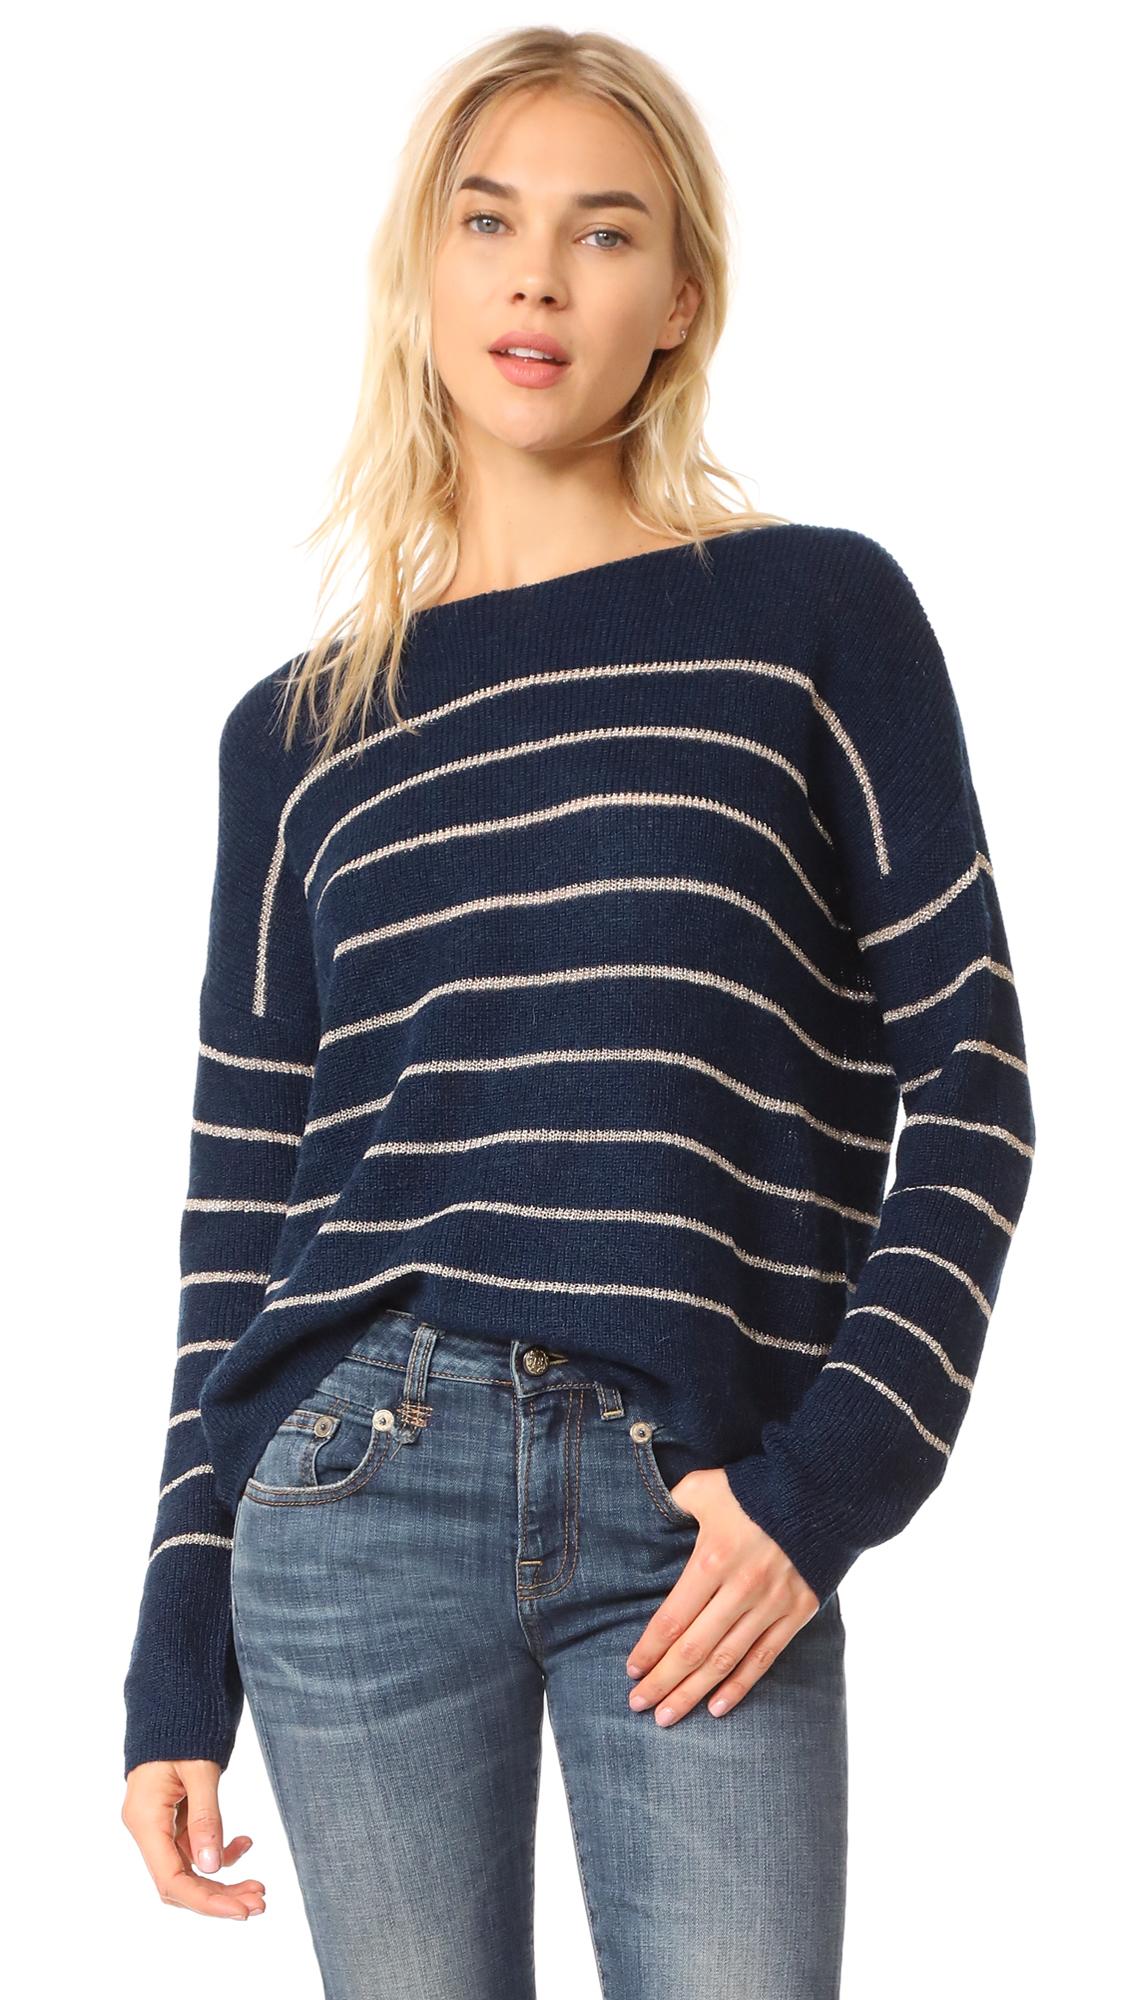 MKT Studio Kold Sweater - Navy